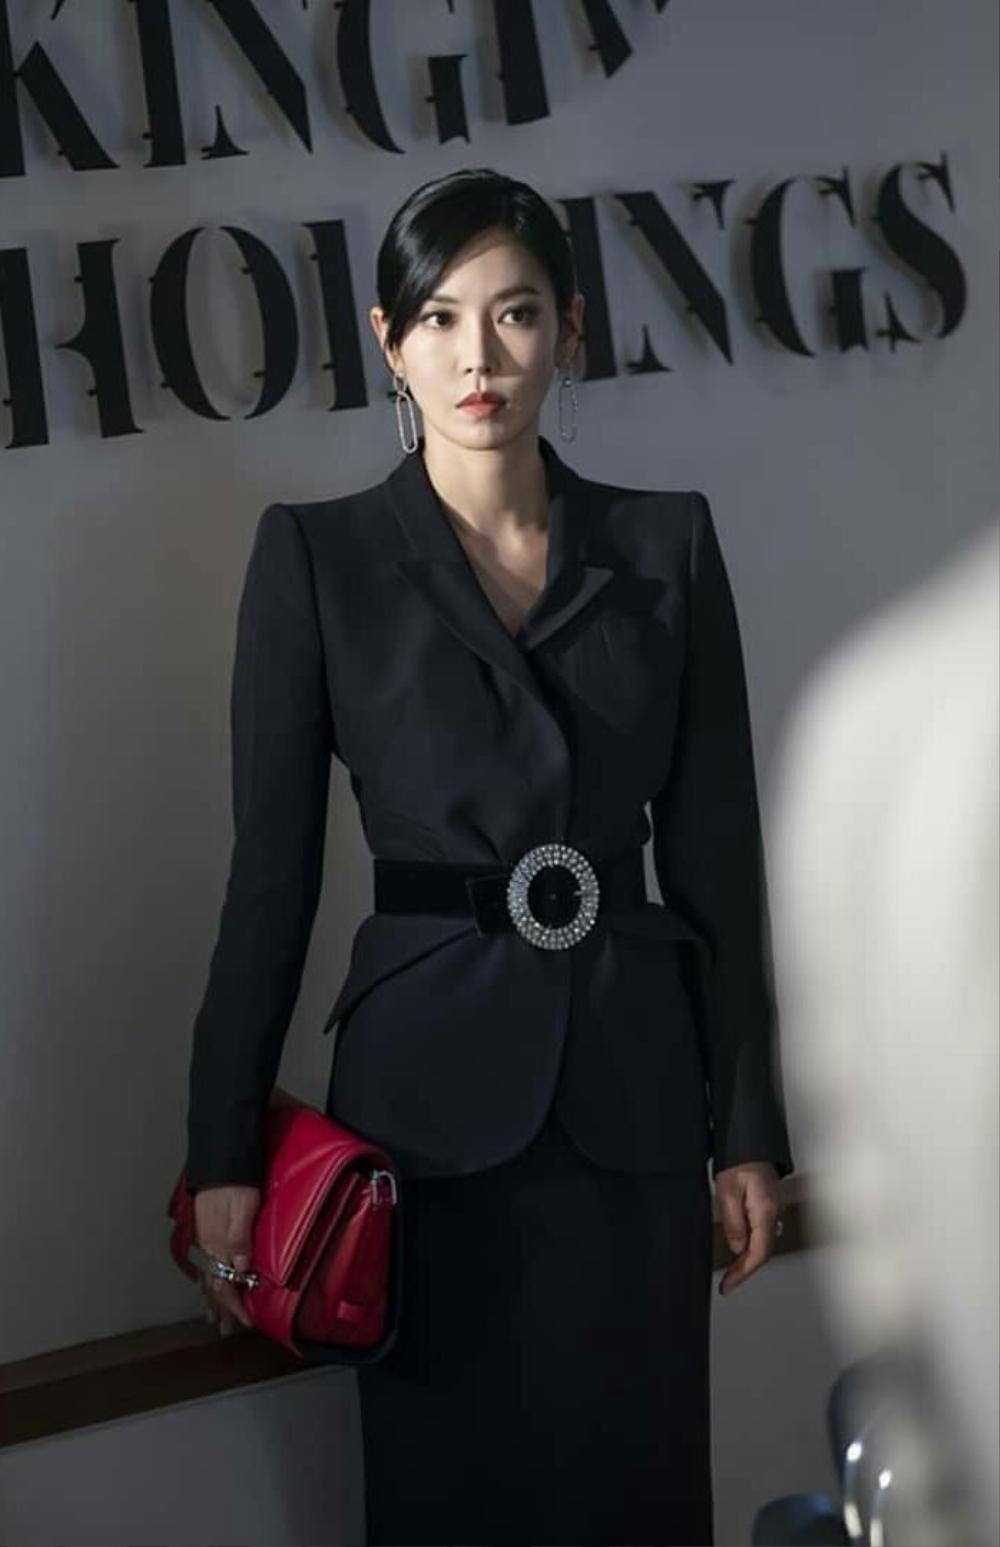 Phim 'Penthouse 2' xuất hiện thêm nhân vật mới, là chị em song song với bà cả Lee Ji Ah? Ảnh 5